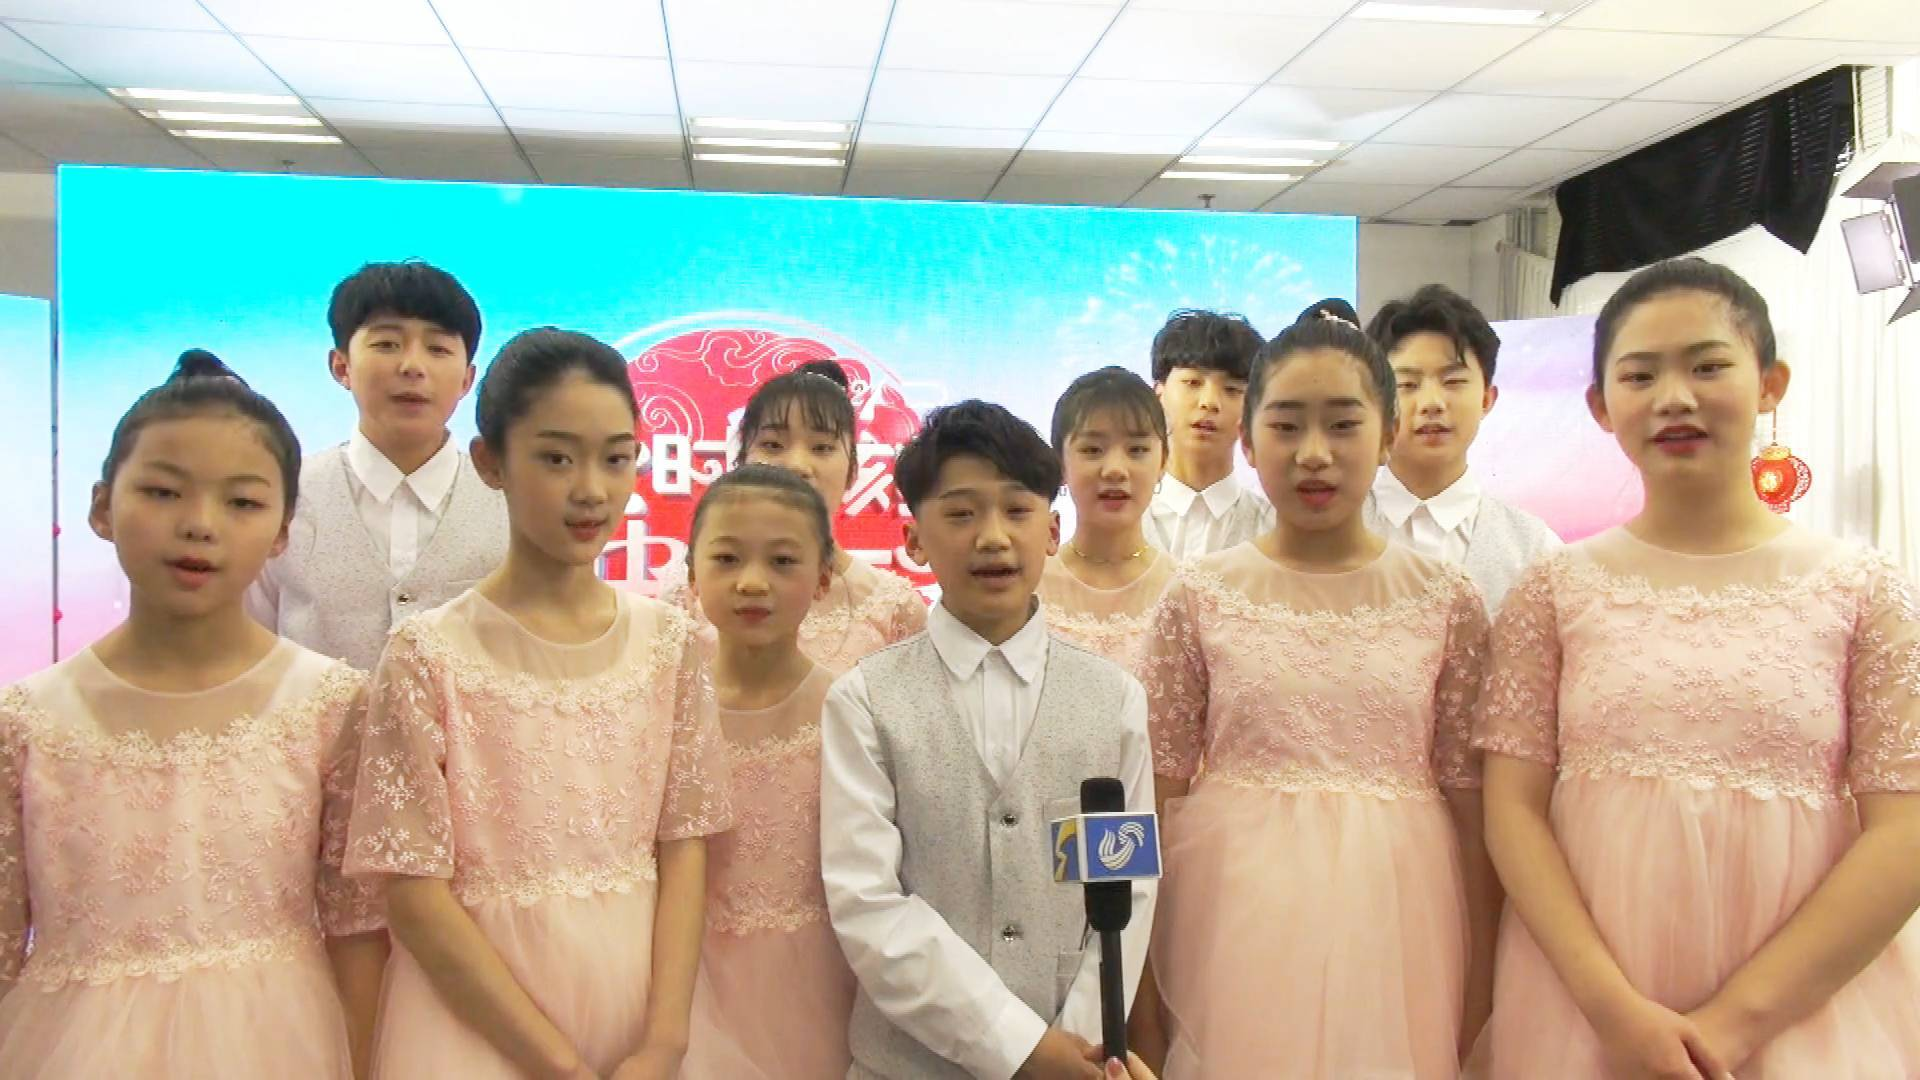 """17秒丨山东广播电视台新闻频道上线 """"小石头和孩子们""""合唱团送上祝福"""